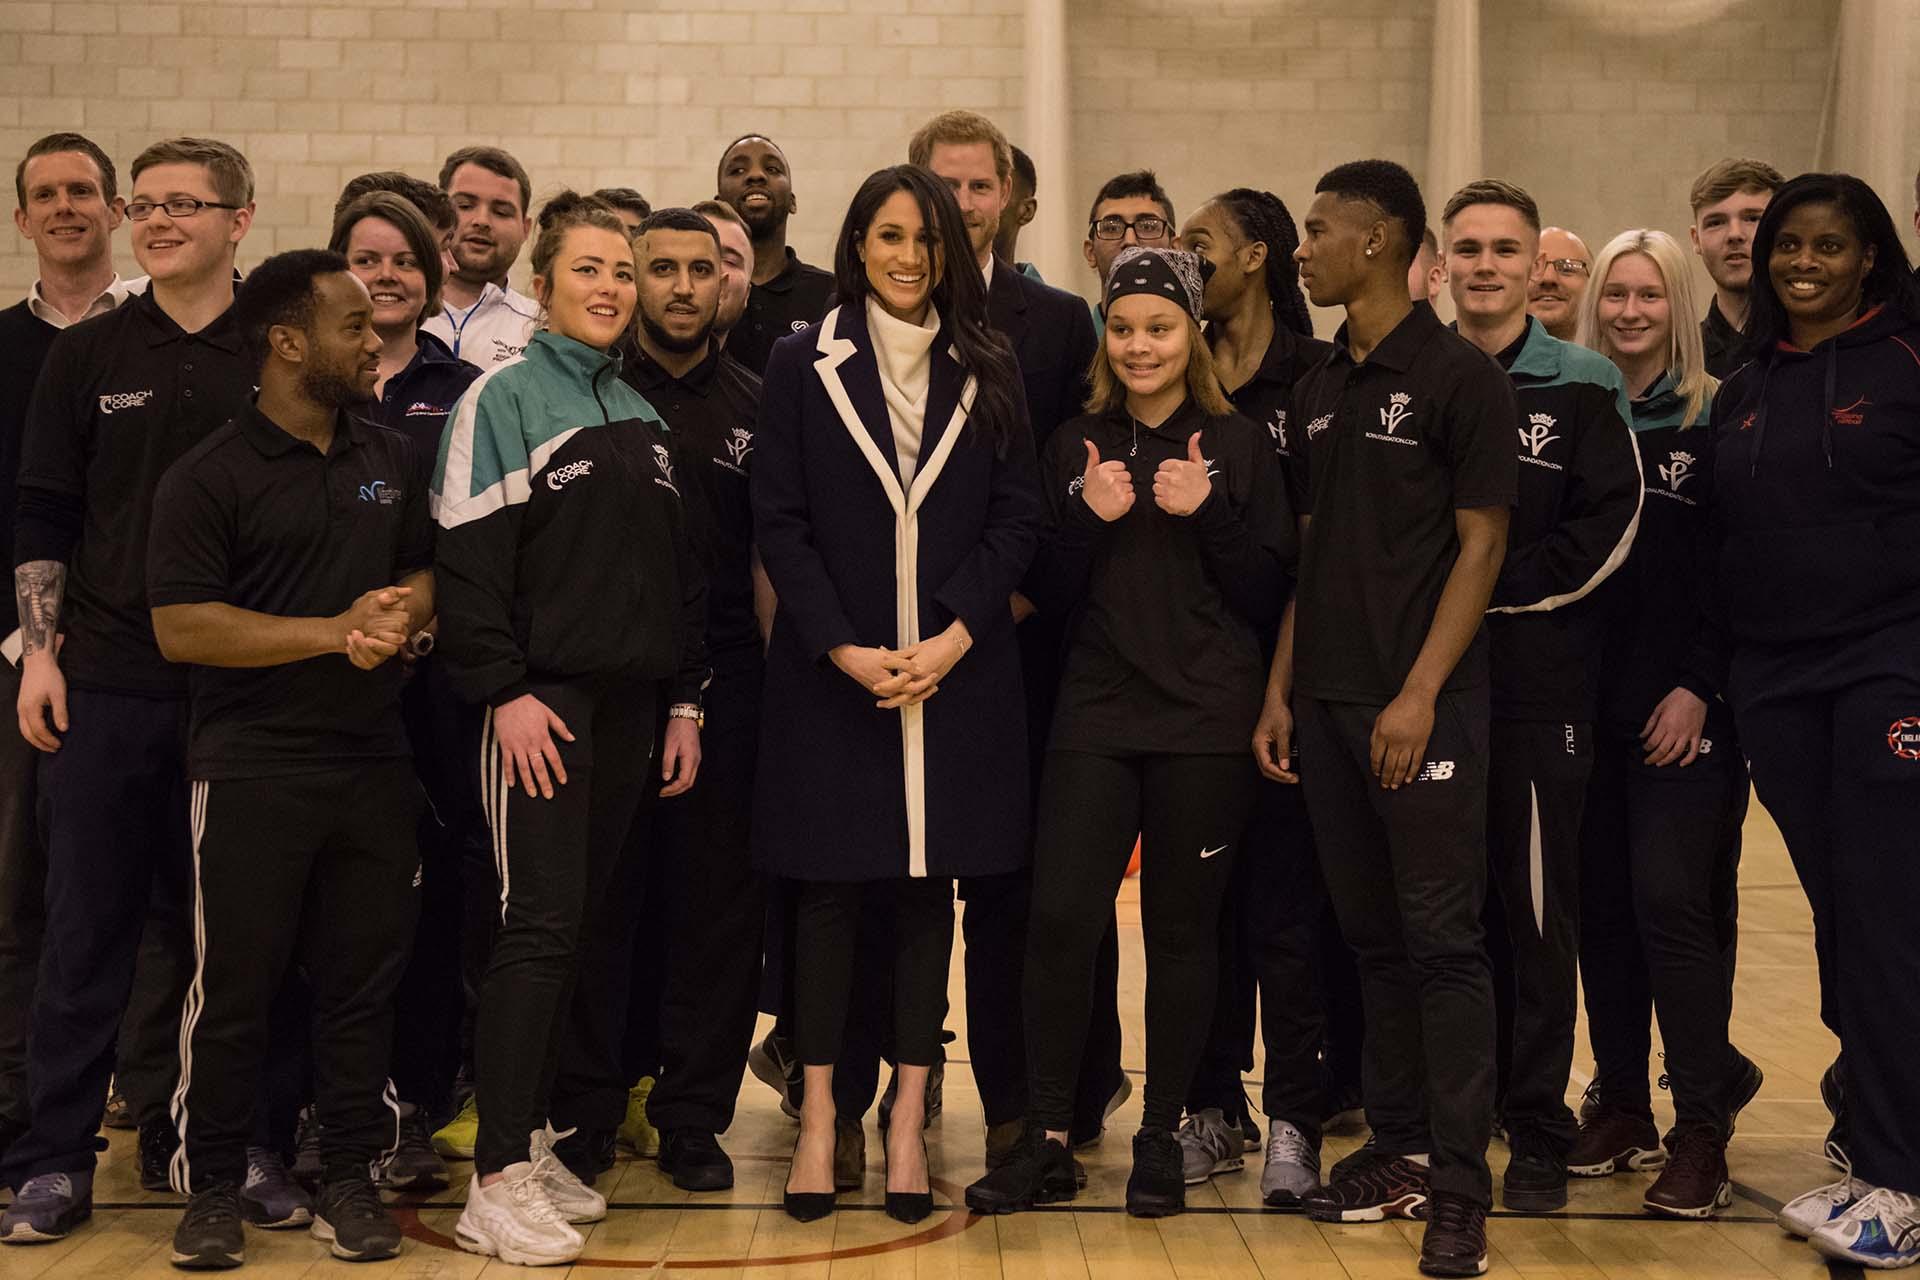 Los futuros Duque de Sussex posaron junto a los coaches básquet del centroNechells Wellbeing Centreen Birmingham . (AFP PHOTO / POOL / OLI SCARFF)